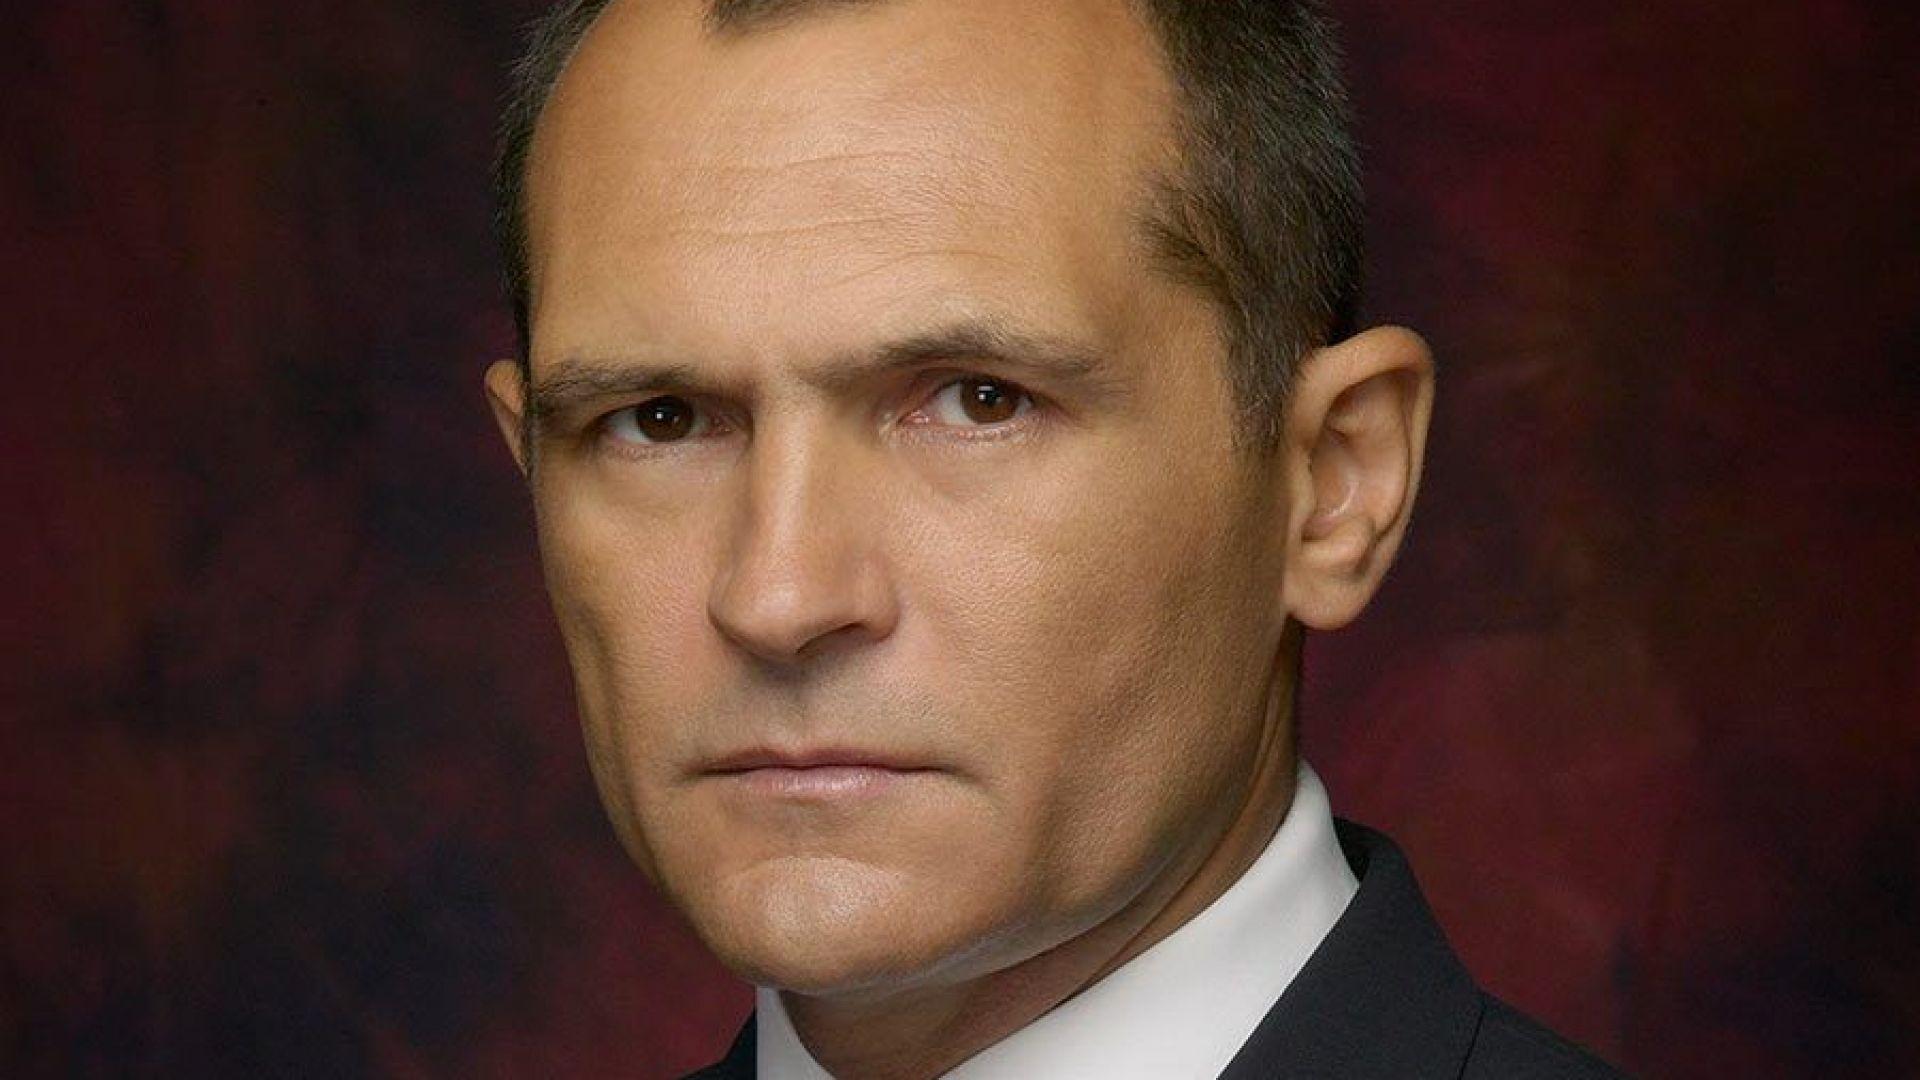 Васил Божков: Къде и с какво основание Б.М.Б. очаква да внеса лично 700 млн.?